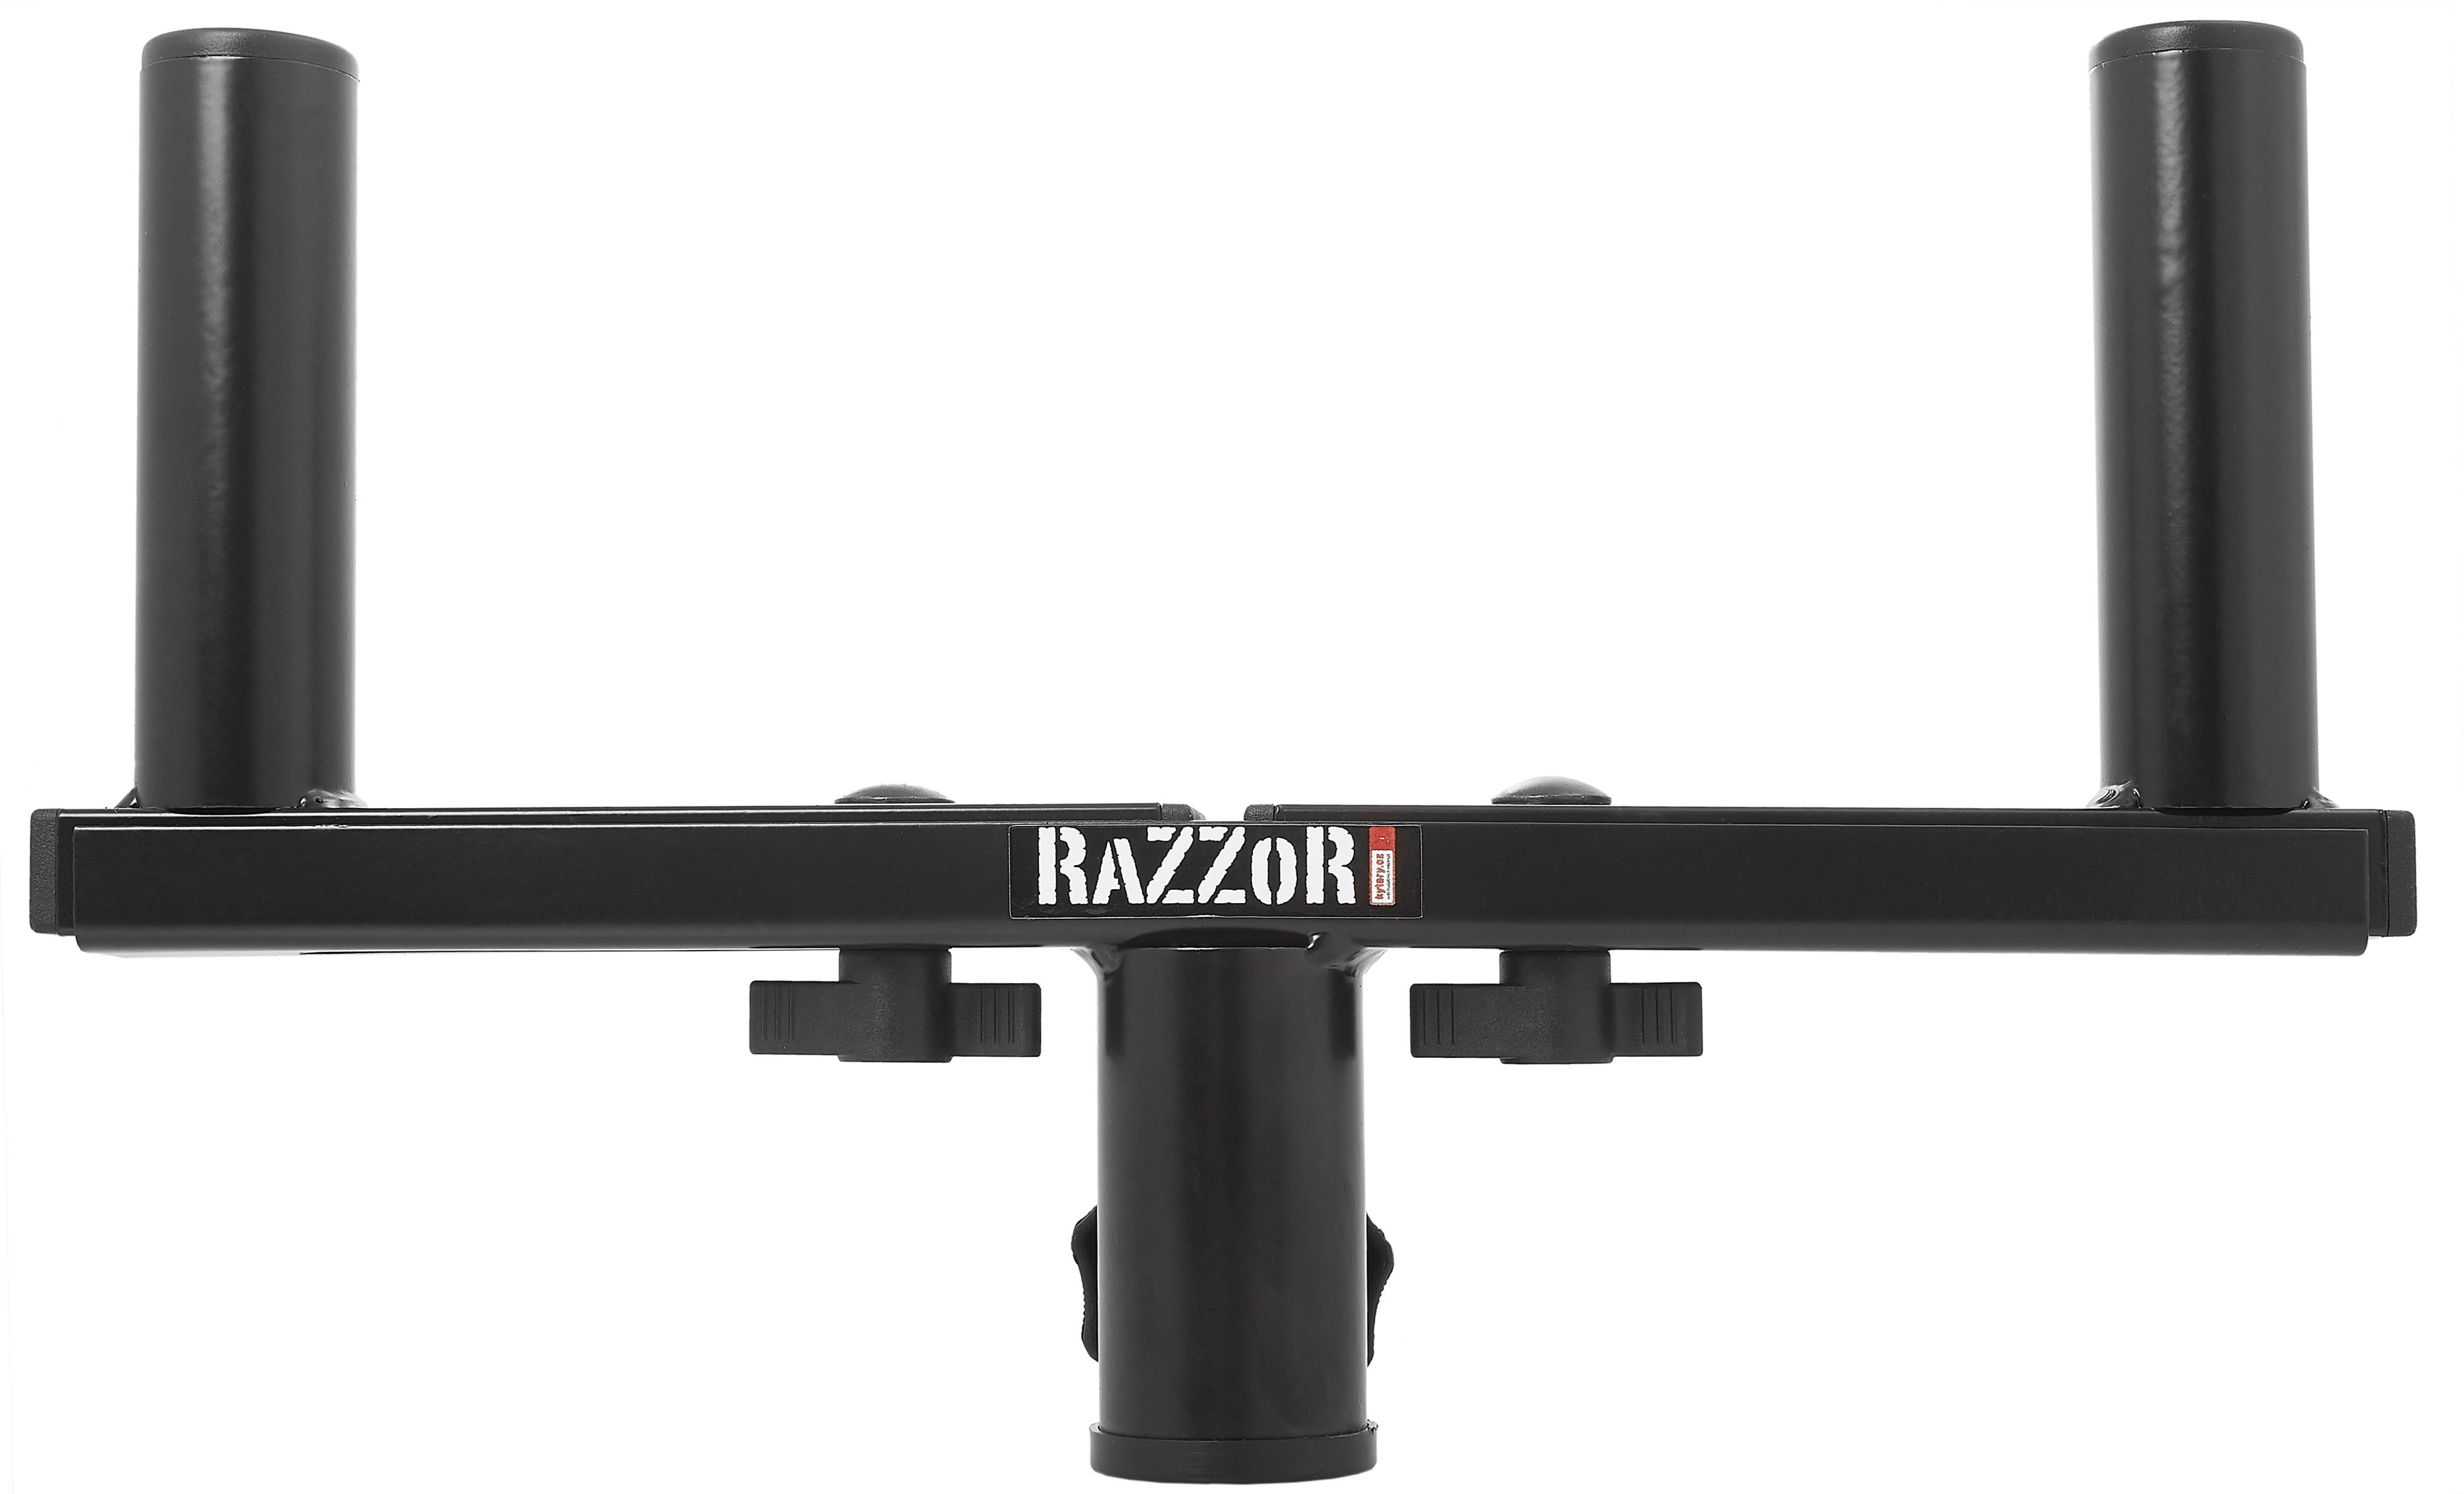 Razzor BOX-D